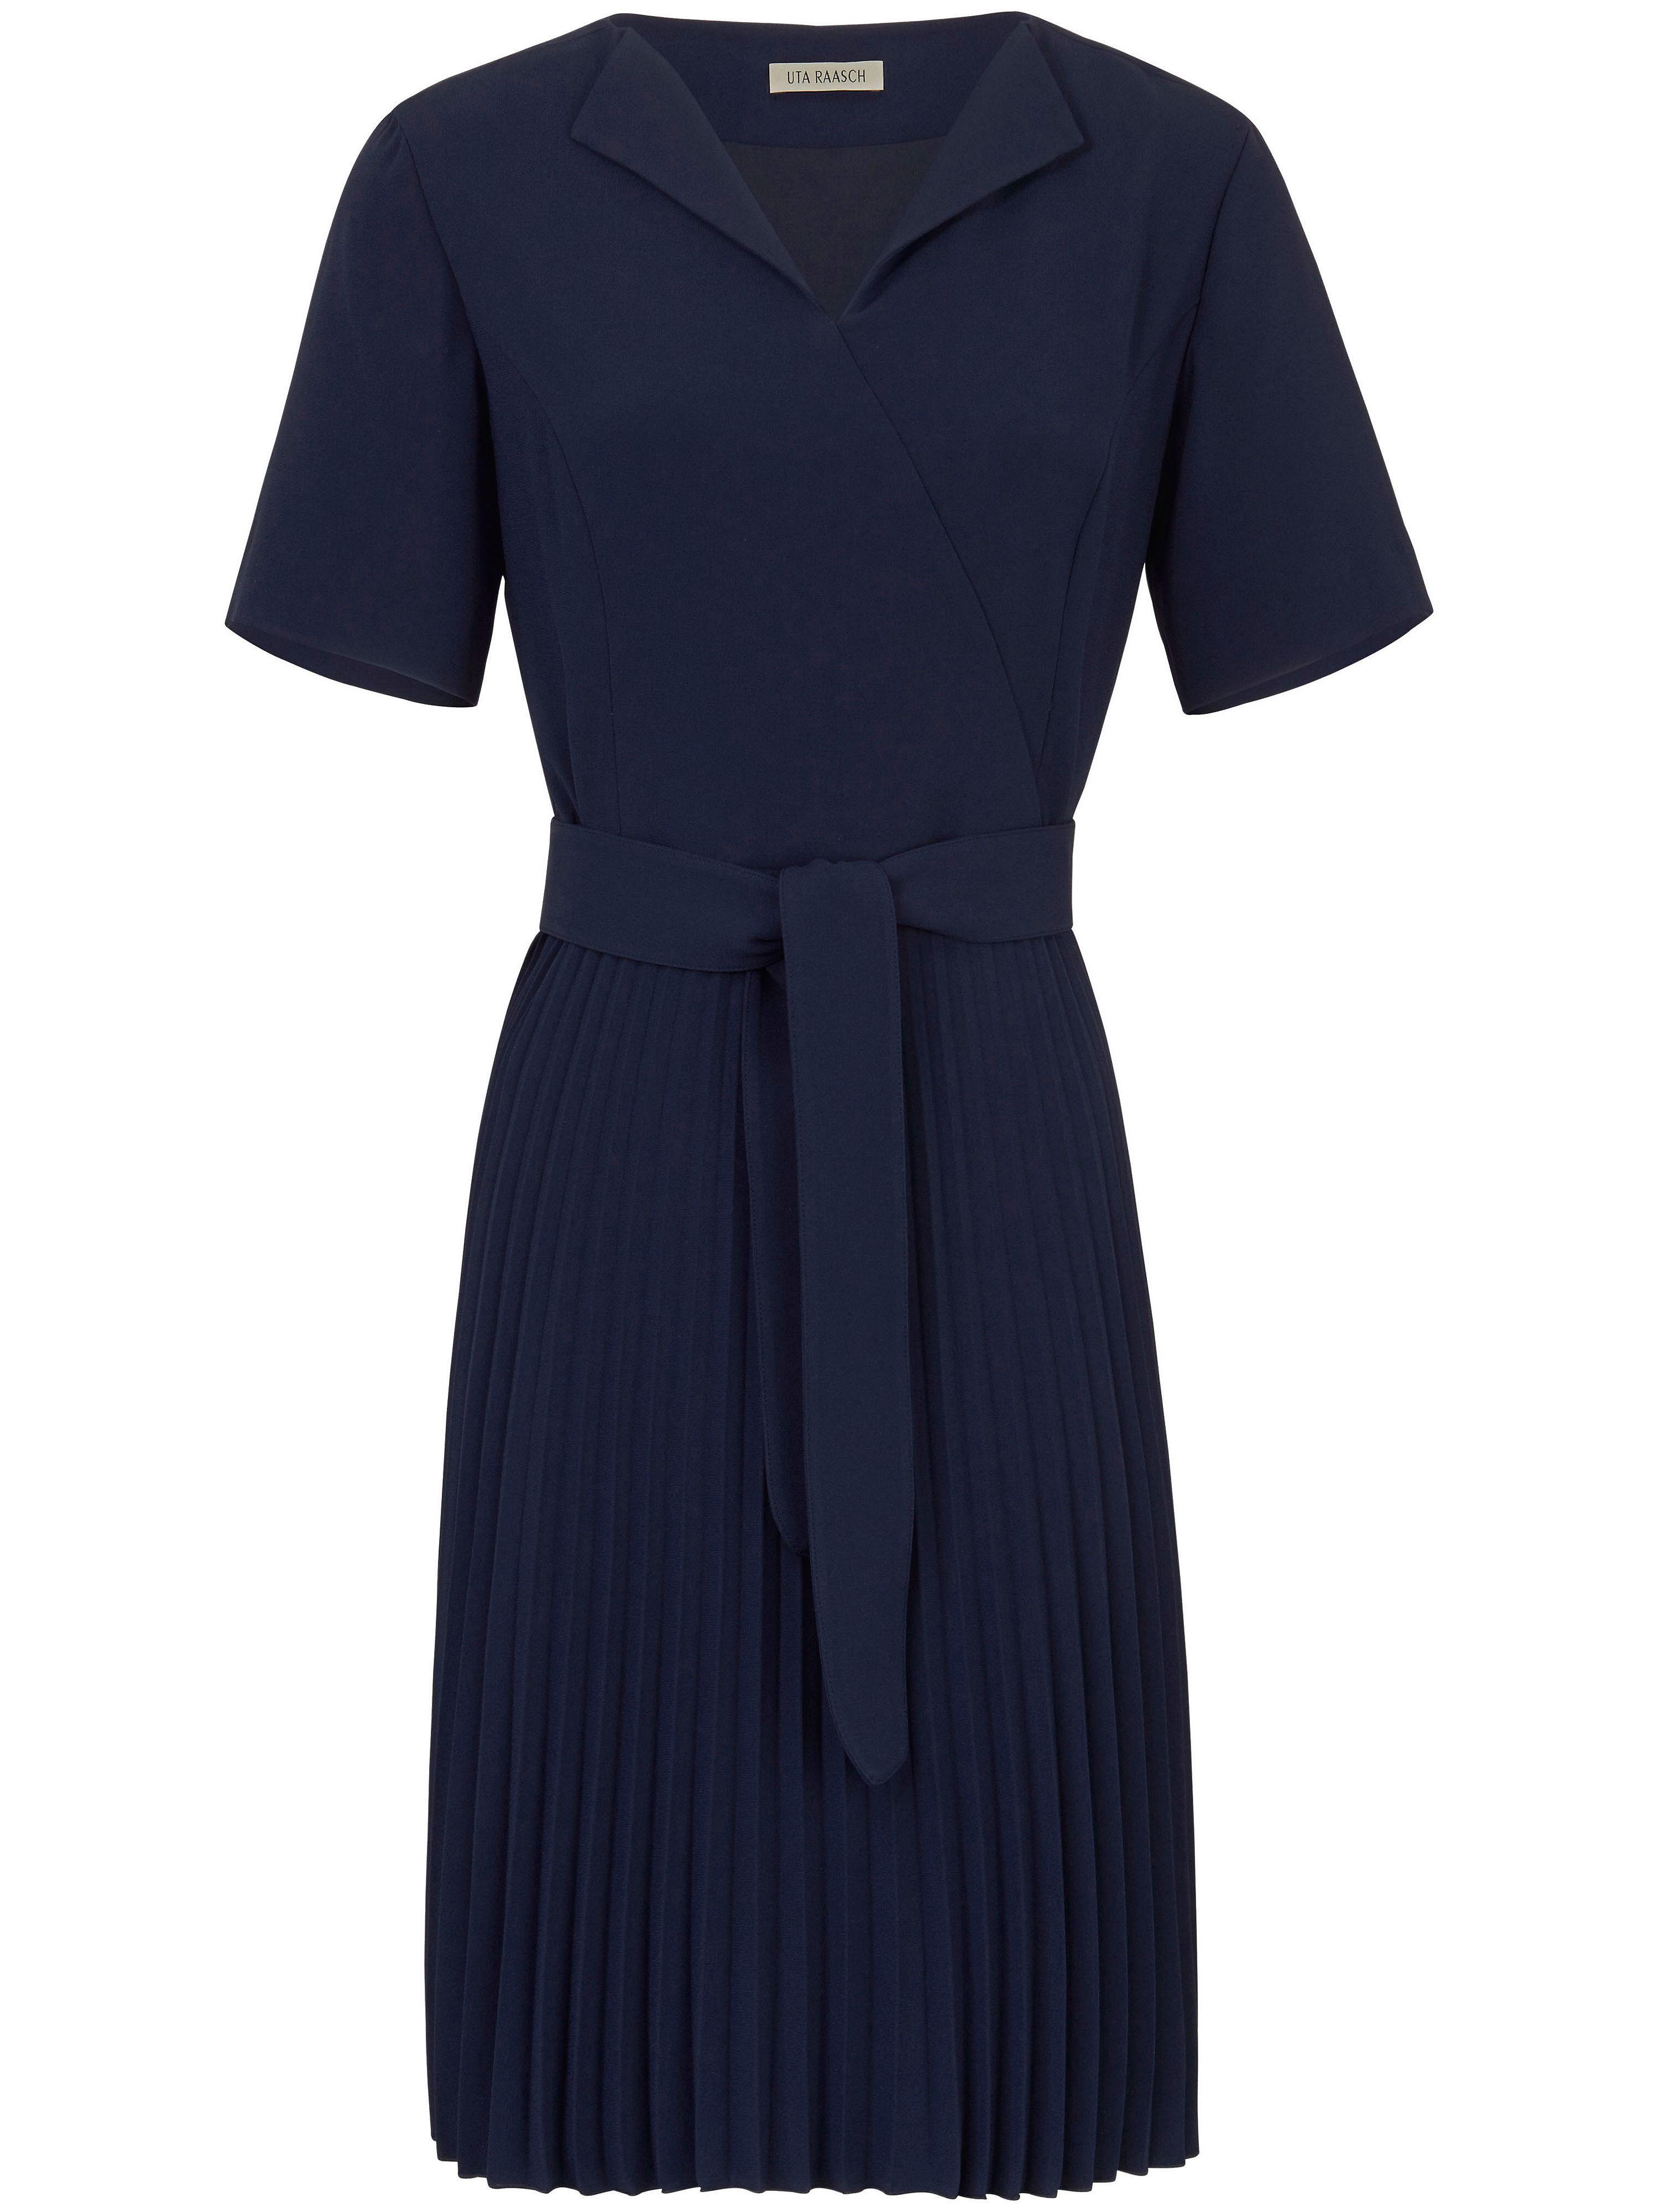 Uta Raasch jurk met 3/4-mouwen blauw